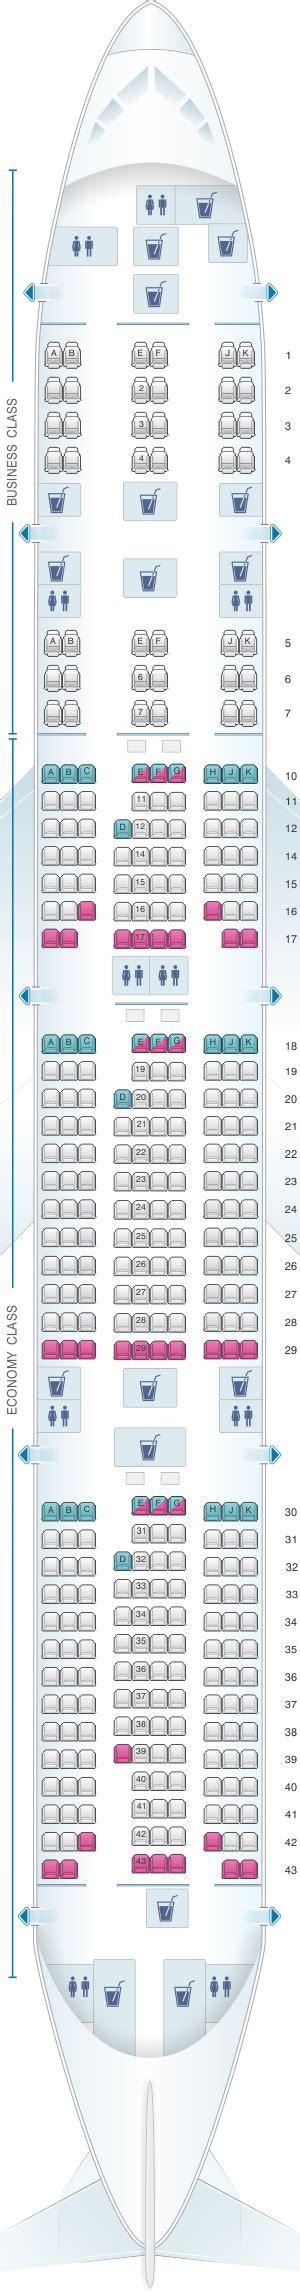 siege boeing 777 plan de cabine qatar airways boeing b777 300er 358pax